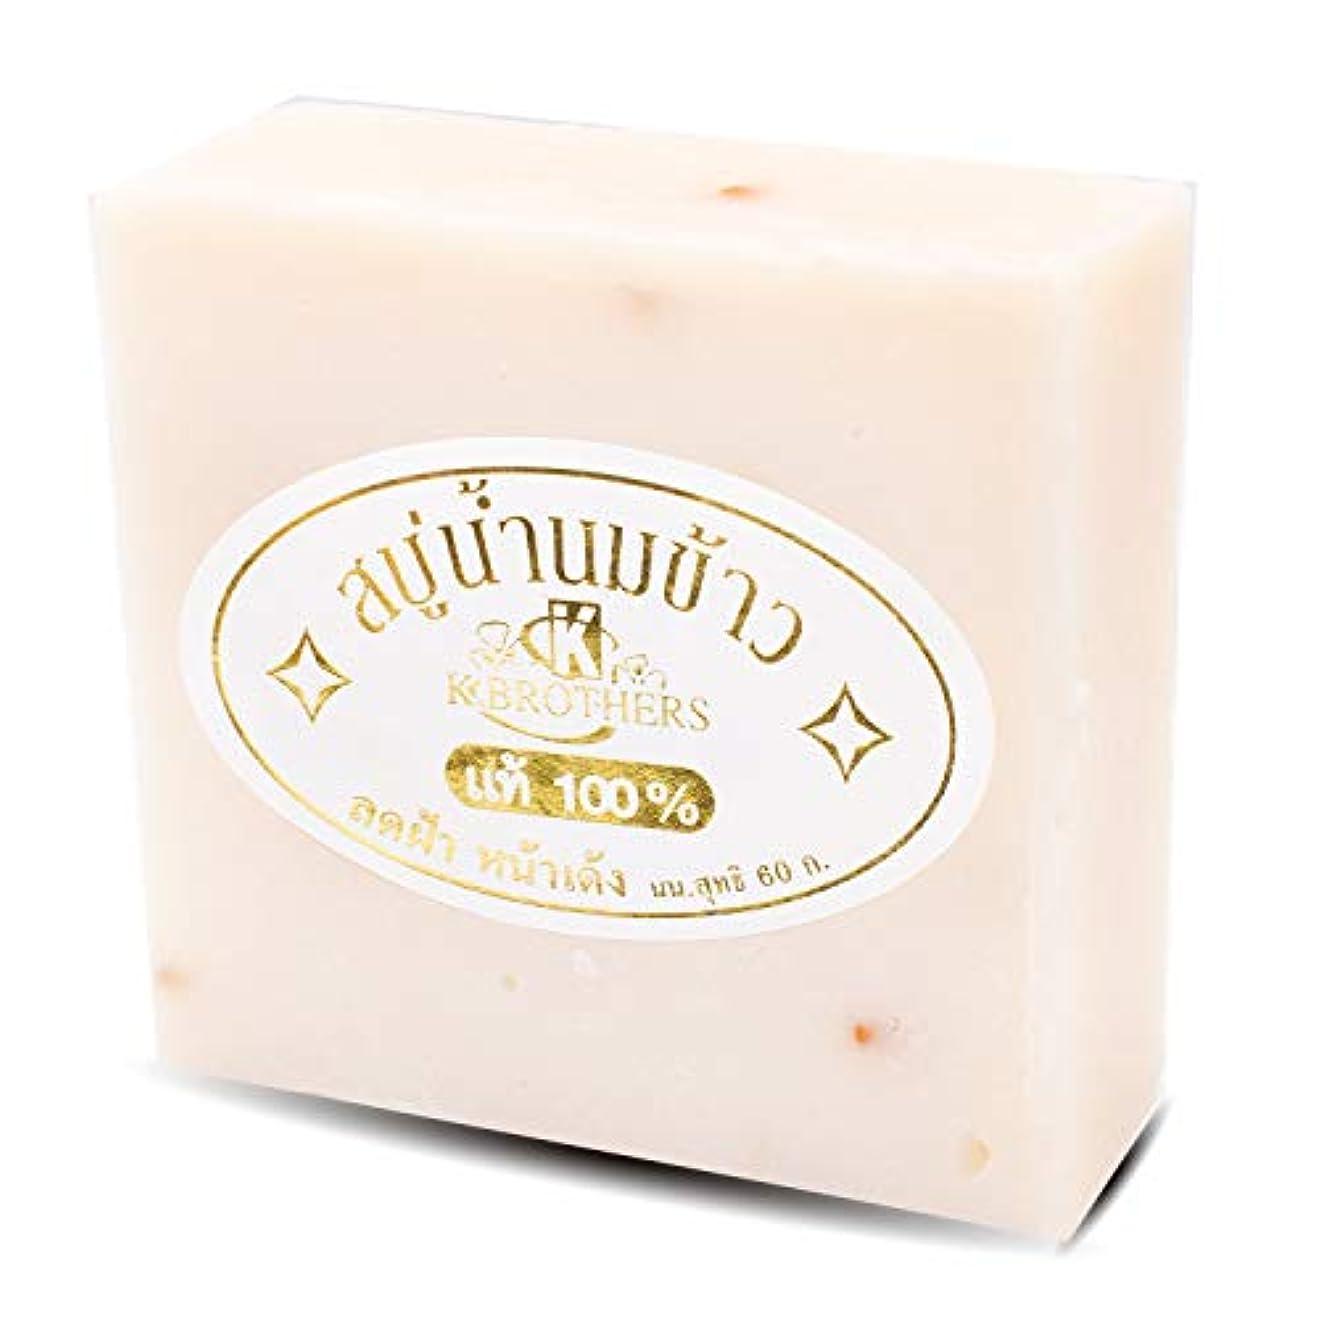 ワゴンいつでも重力Rice Milk Soap From Jasmine Rice Milk with Glutathione and Collagen 100% Best Quality(pack 6)